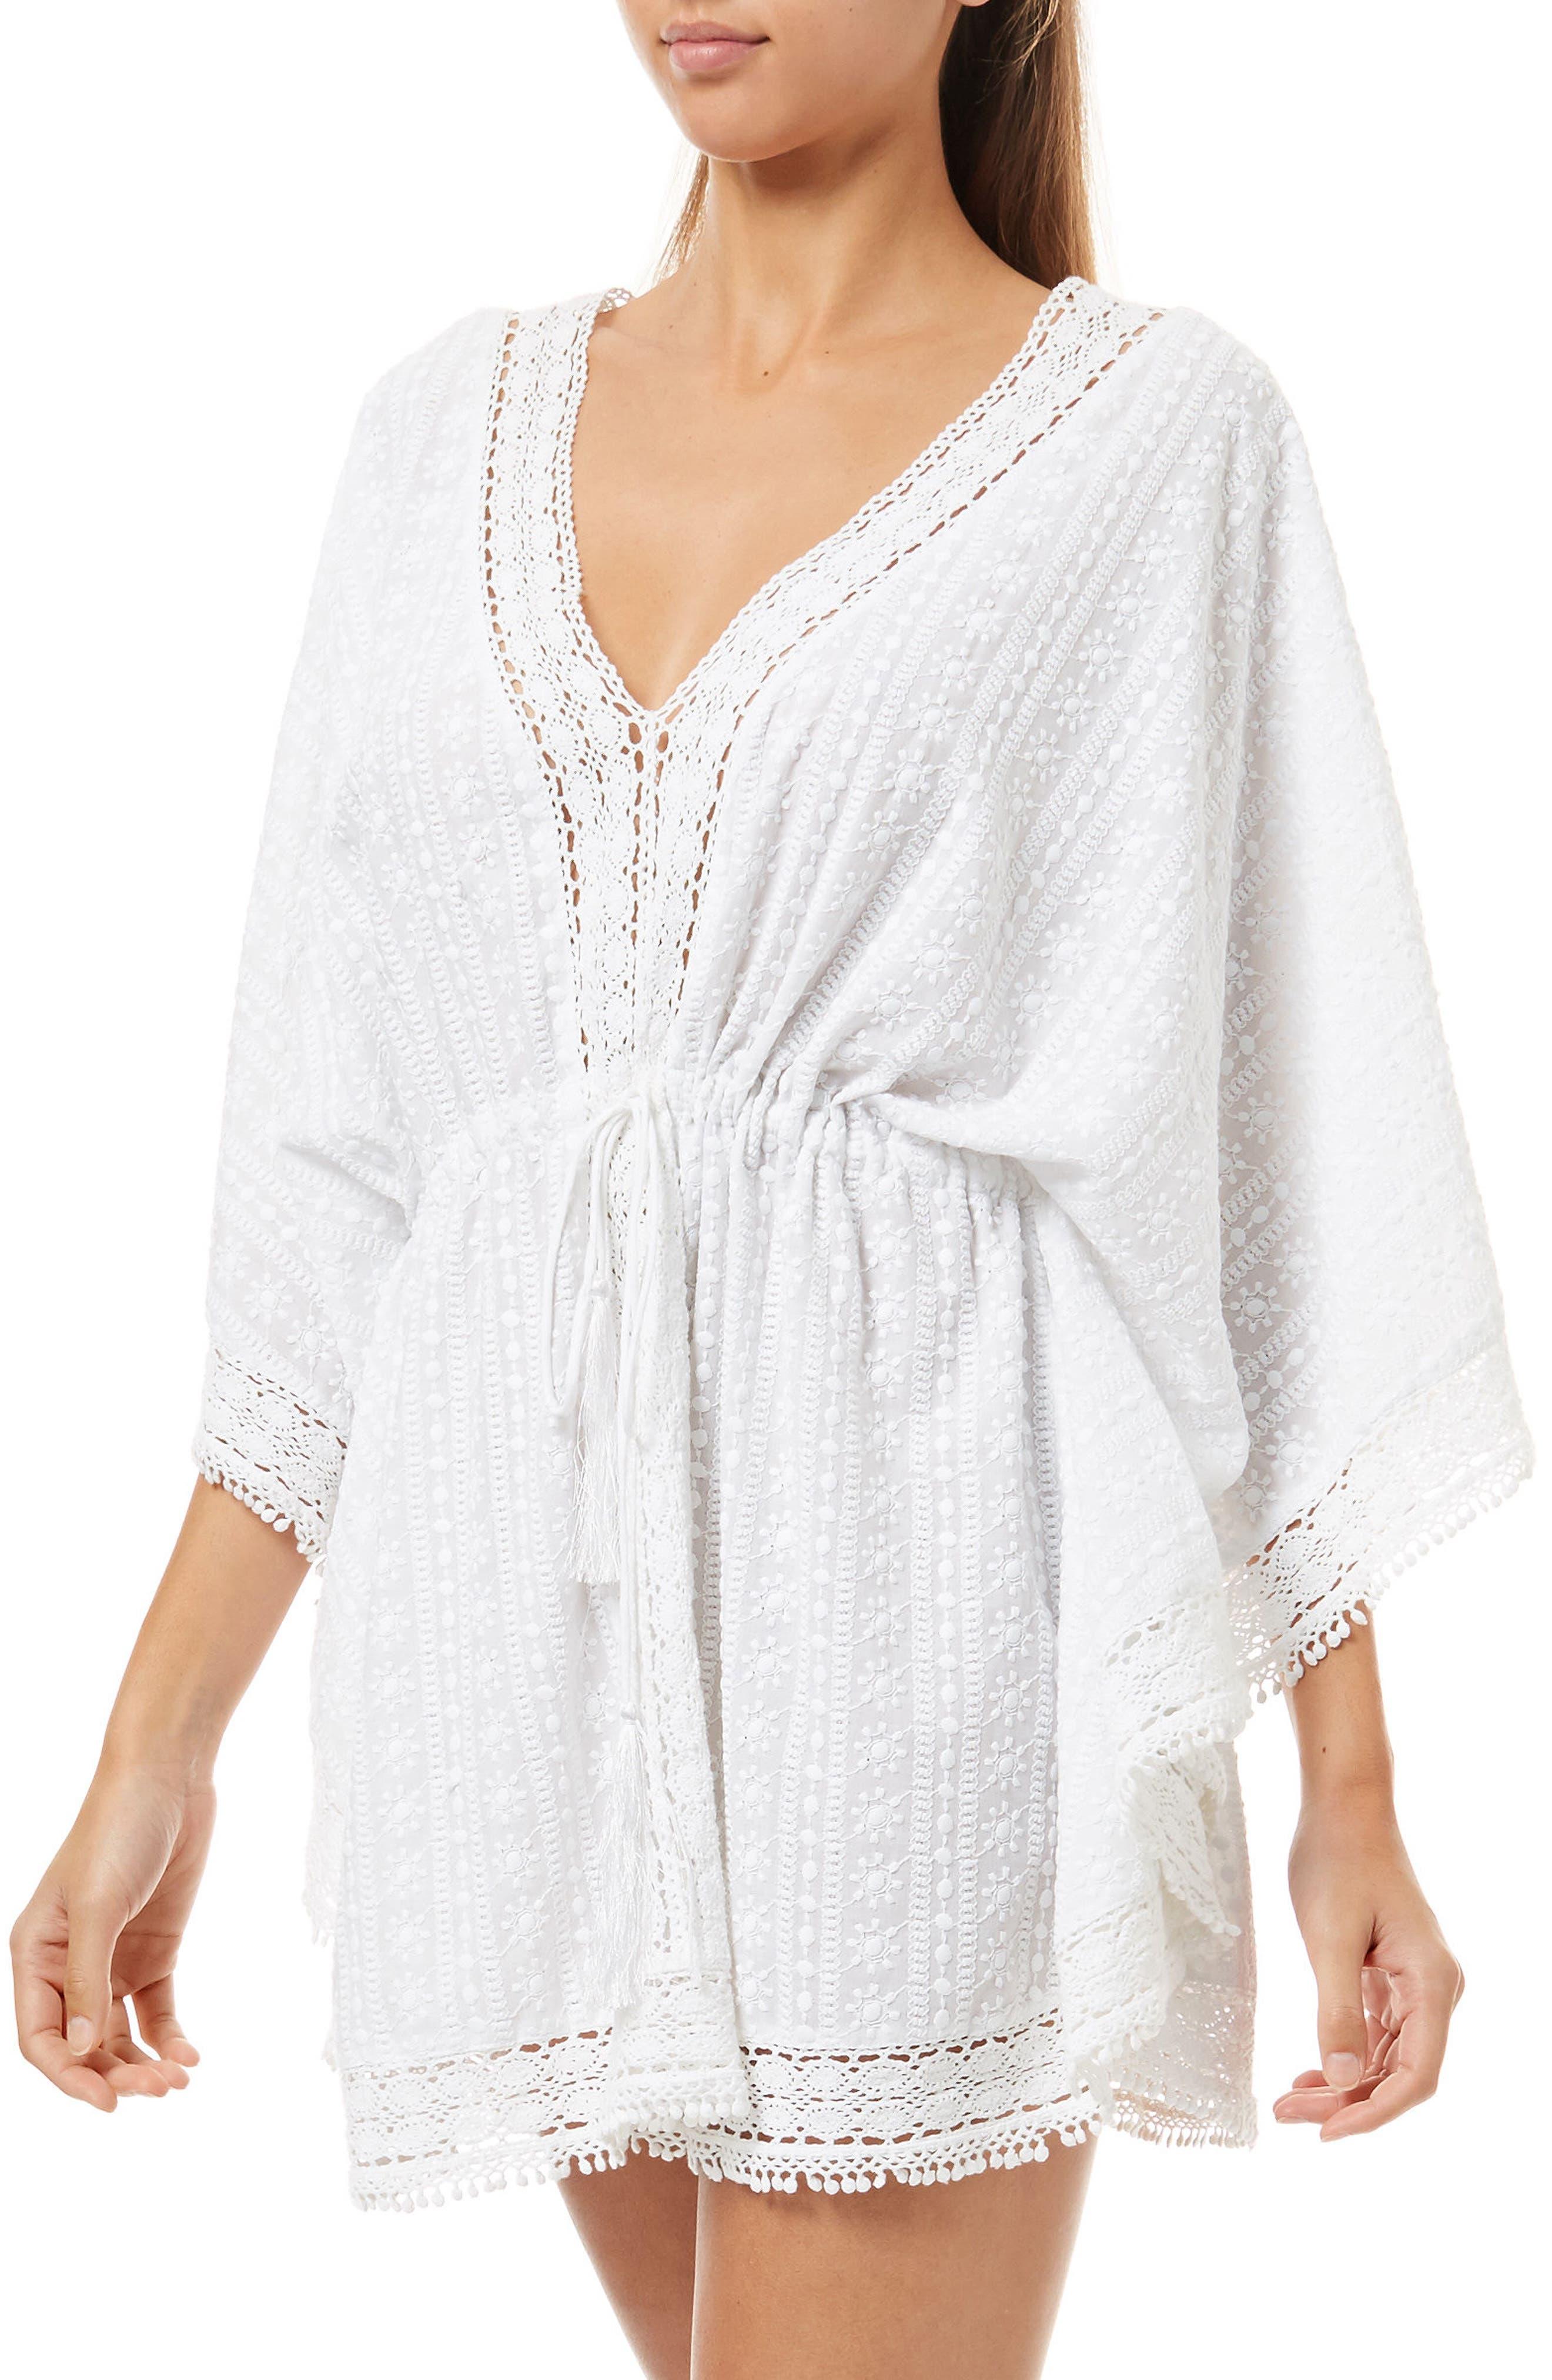 Gigi Cover-Up Caftan,                         Main,                         color, White